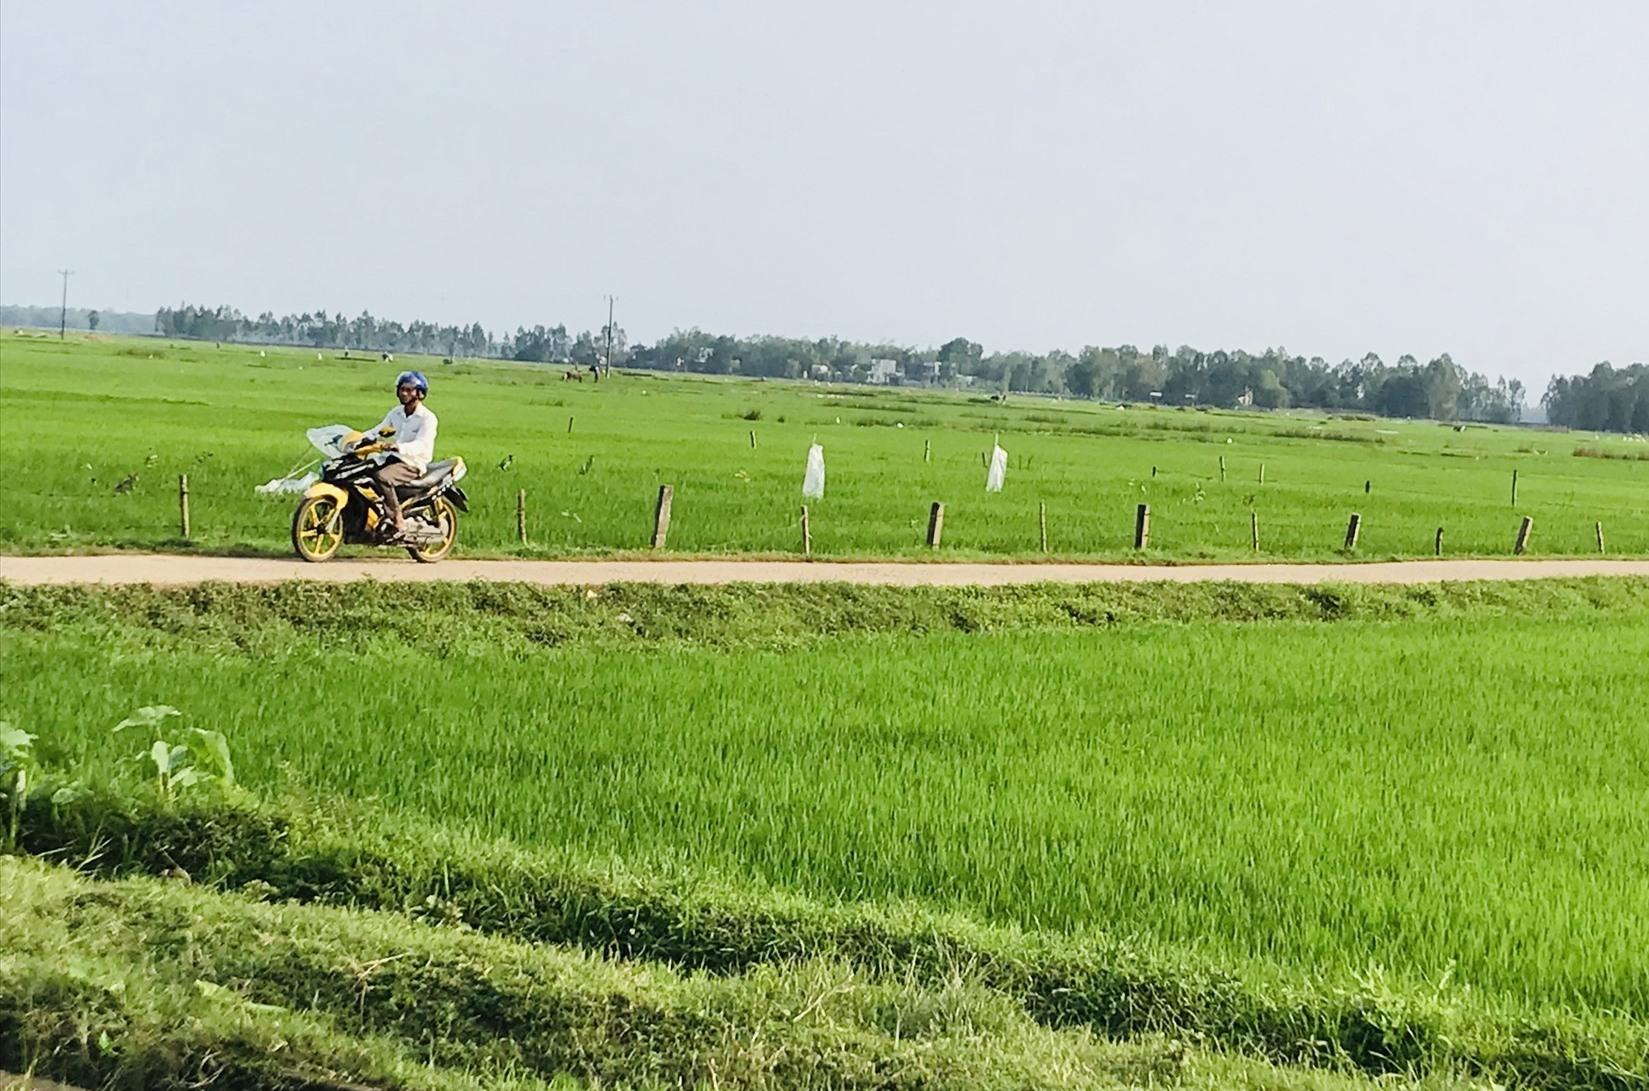 Năm 2020, Quảng Nam hỗ trợ tiền sử dụng sản phẩm dịch vụ công ích thủy lợi cho gần 86 nghìn ha đất sản xuất nông nghiệp. Ảnh: C.N